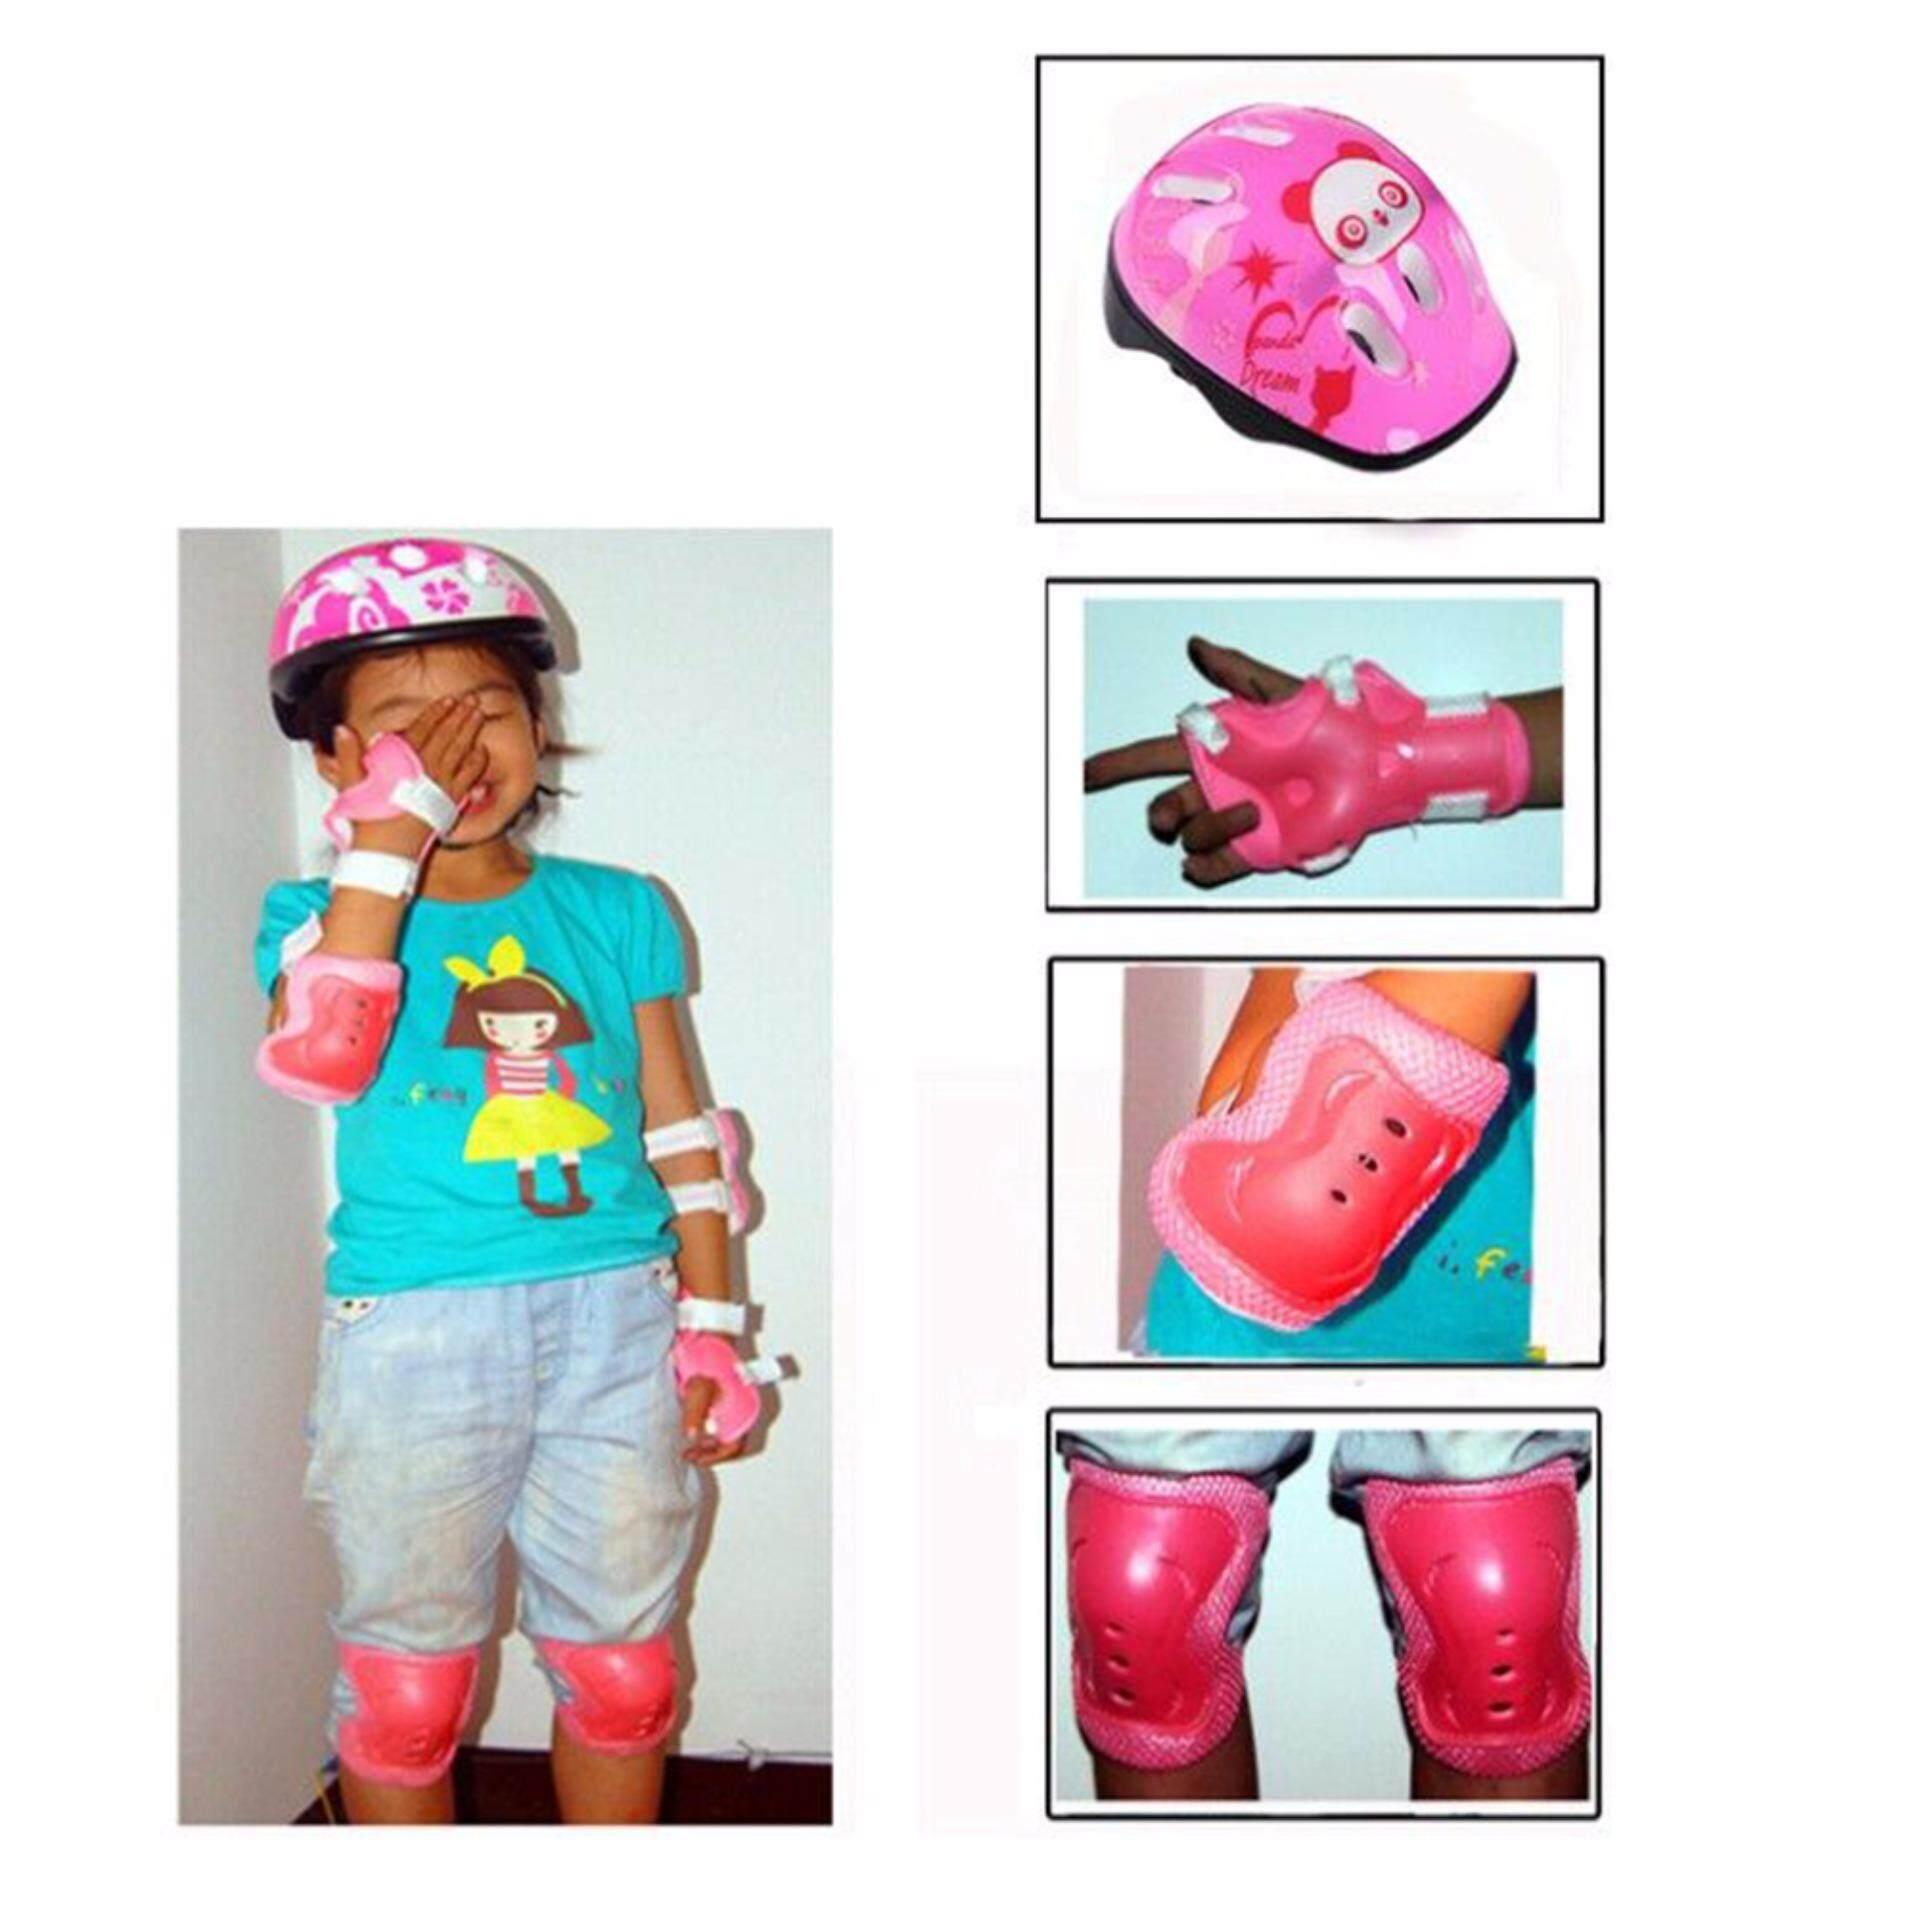 Rồng 7 cái/bộ Trẻ Em Trượt Băng Mũ Bảo Hiểm Bảo Vệ Khuỷu Tay Đầu Gối Đệm Lót Cổ Tay Trẻ Em - 3